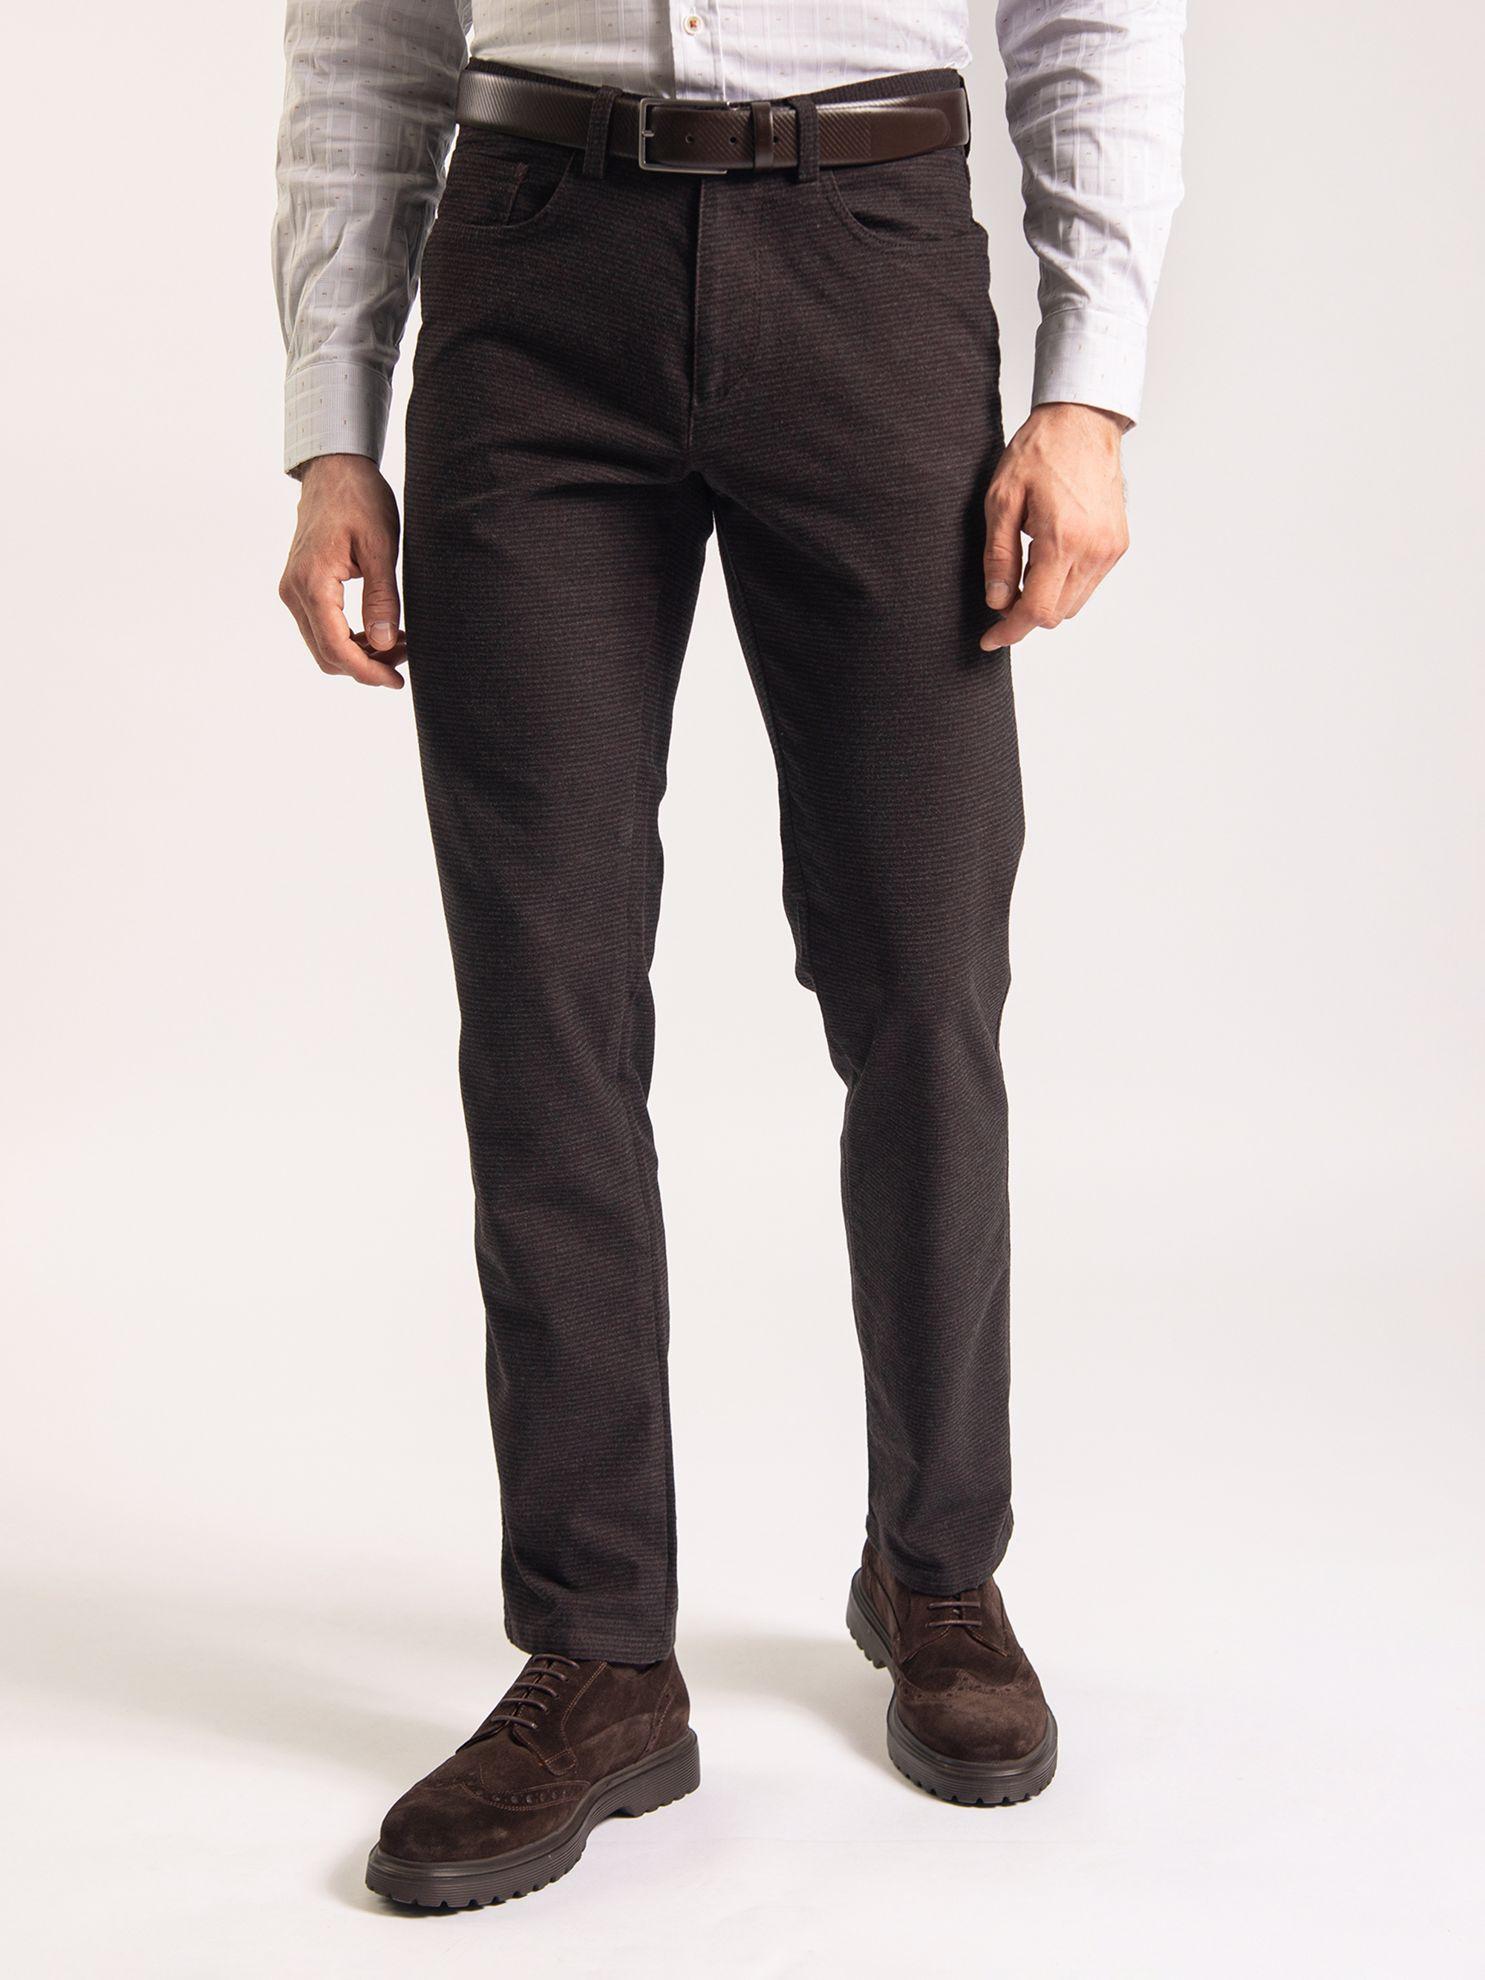 Karaca Erkek 6 Drop Pantolon-Bordo. ürün görseli